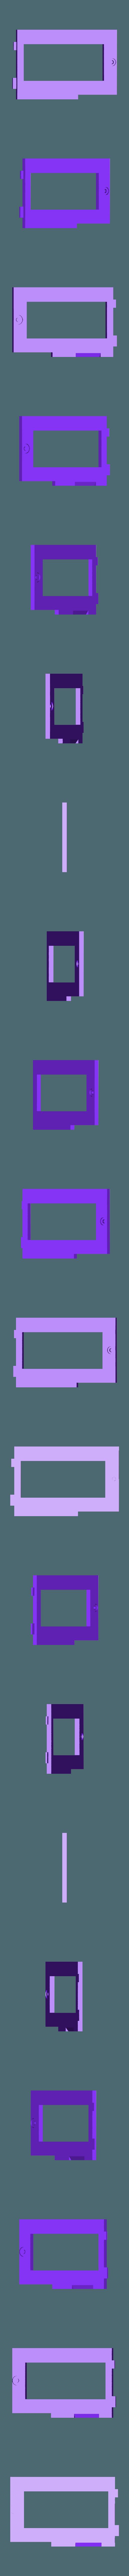 battdoor.stl Télécharger fichier STL gratuit Adaptateur de batterie 18650 pour NDS Lite • Modèle pour imprimante 3D, LarryG